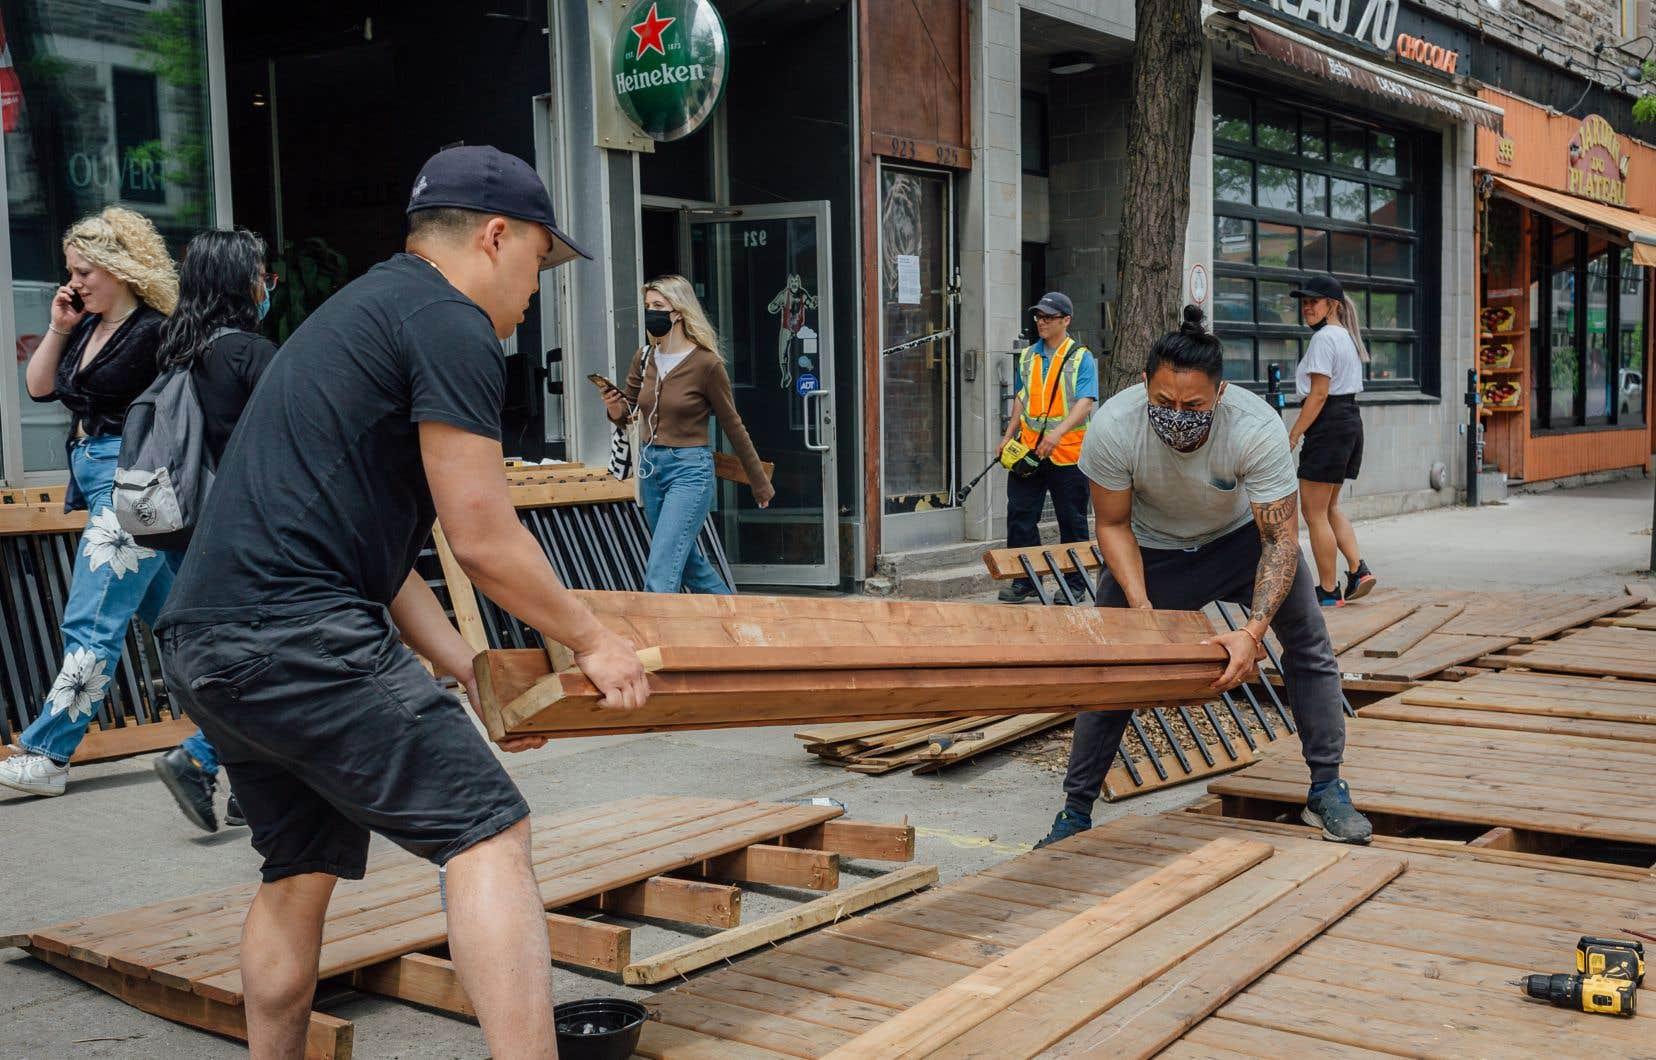 L'équipe du restaurant Le Mékong, à Montréal, prépare la terrasse qui pourra accueillir la clientèle.